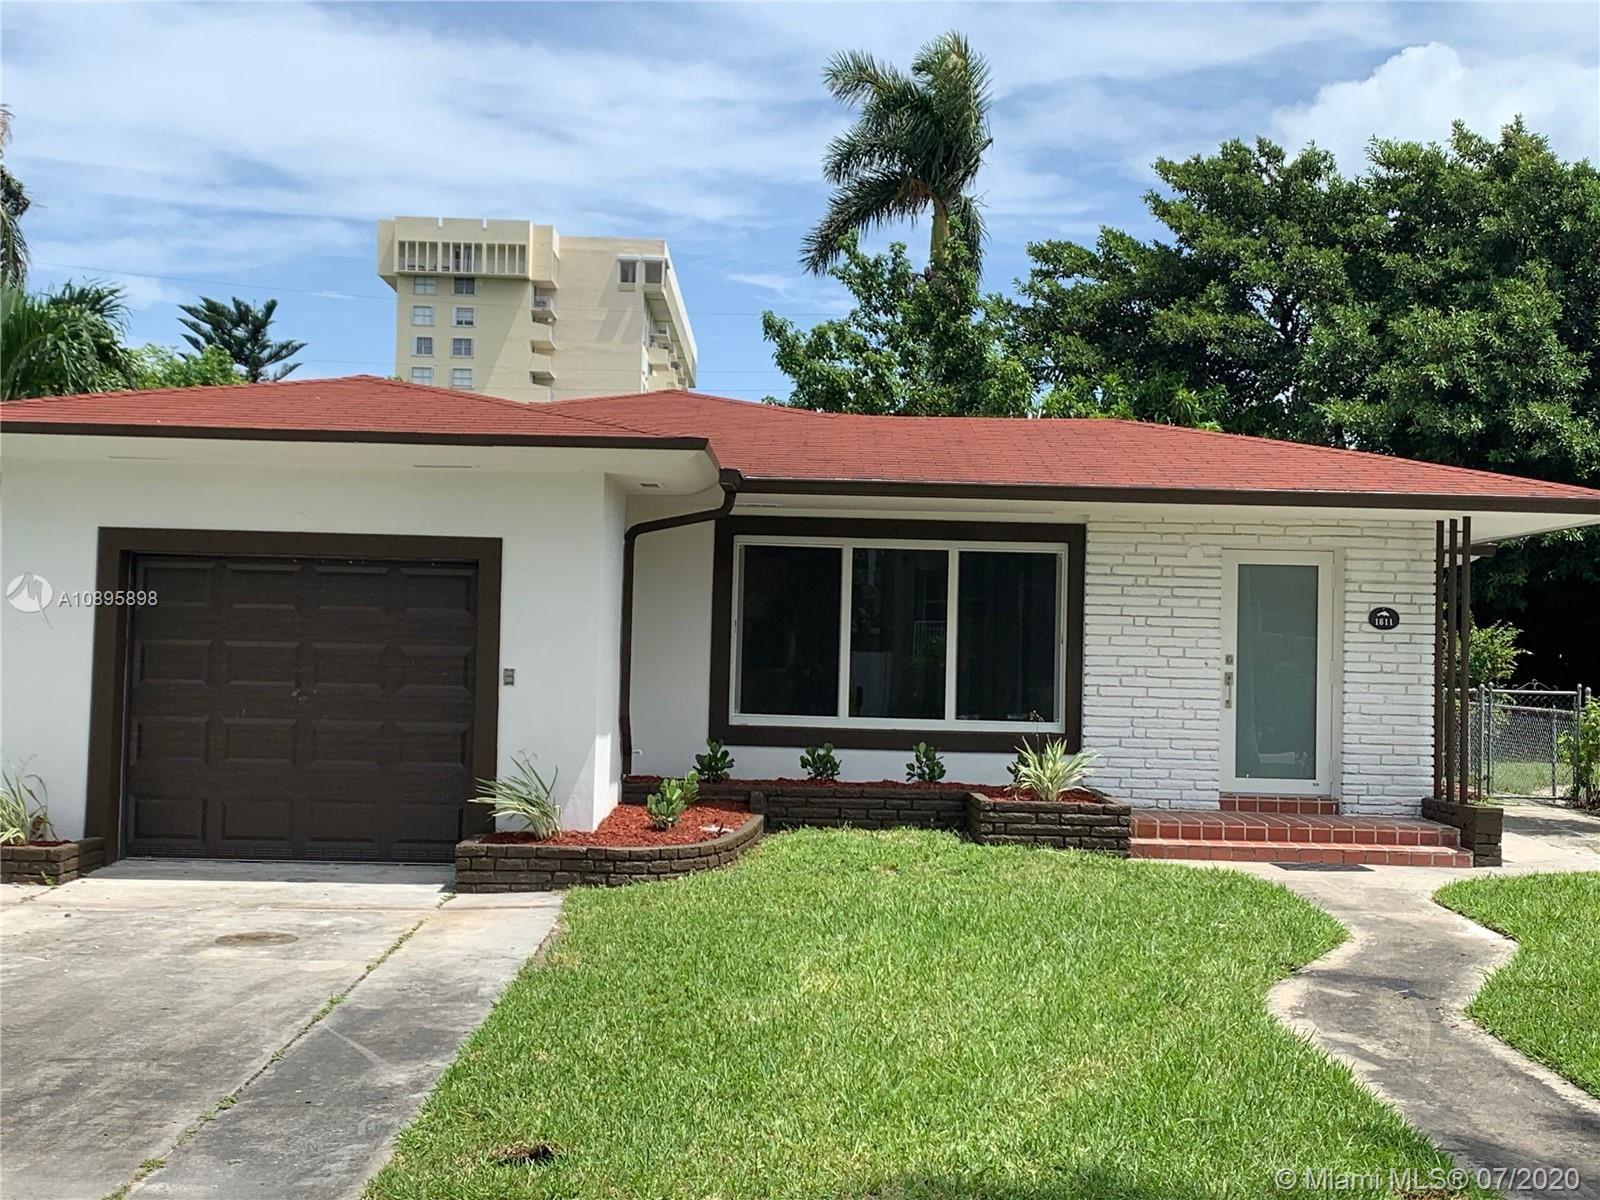 1611 NE 110th St, Miami, FL 33161 - #: A10895898